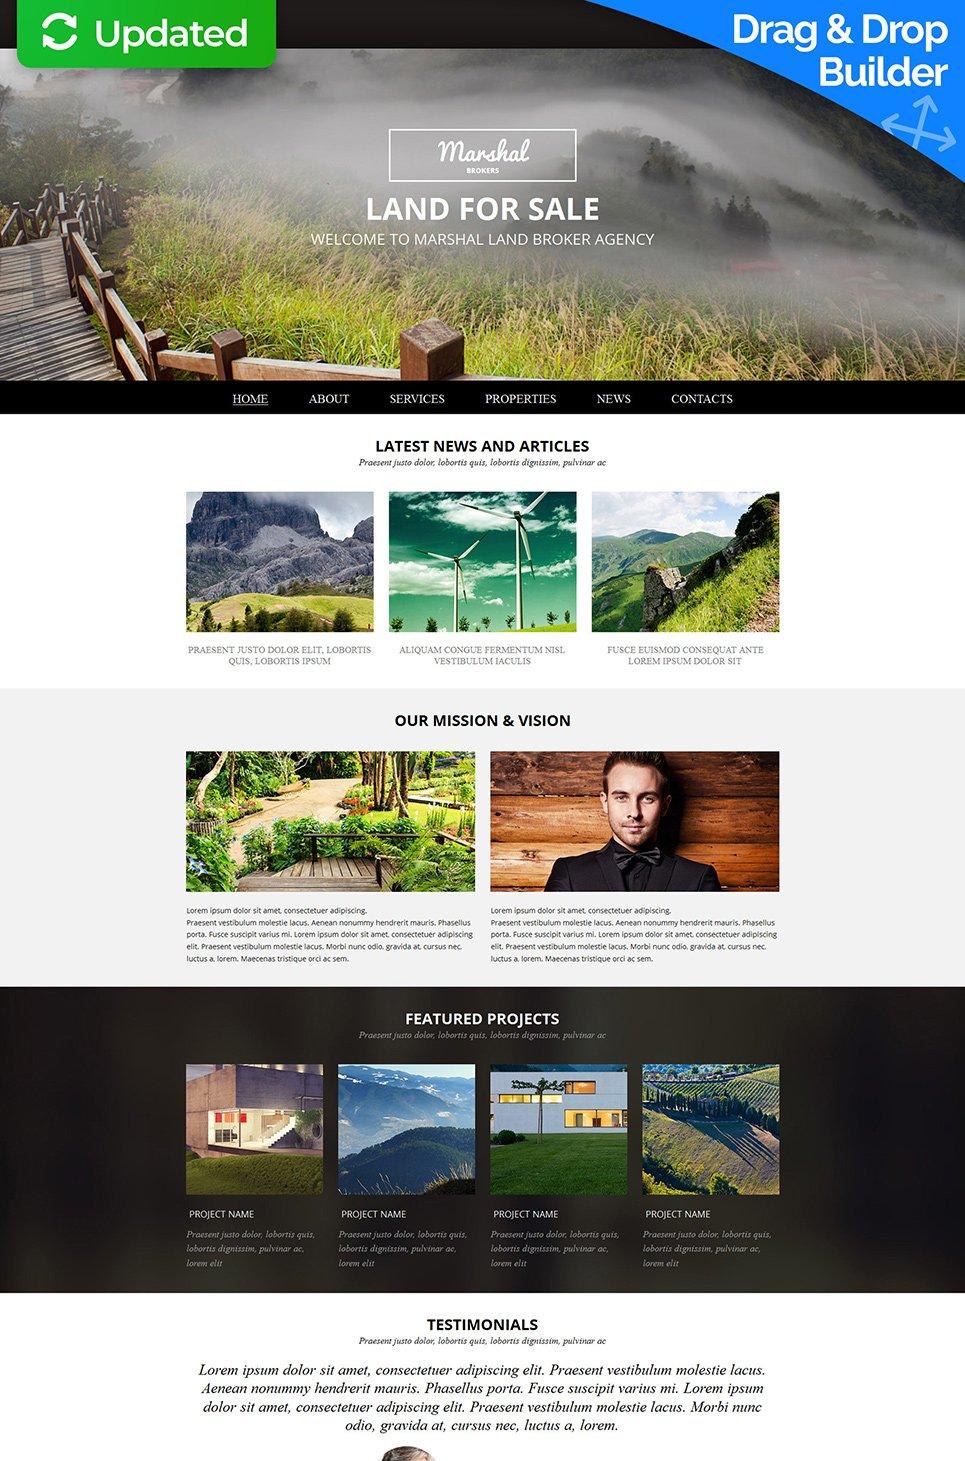 Commercial Real Estate Website Design - image